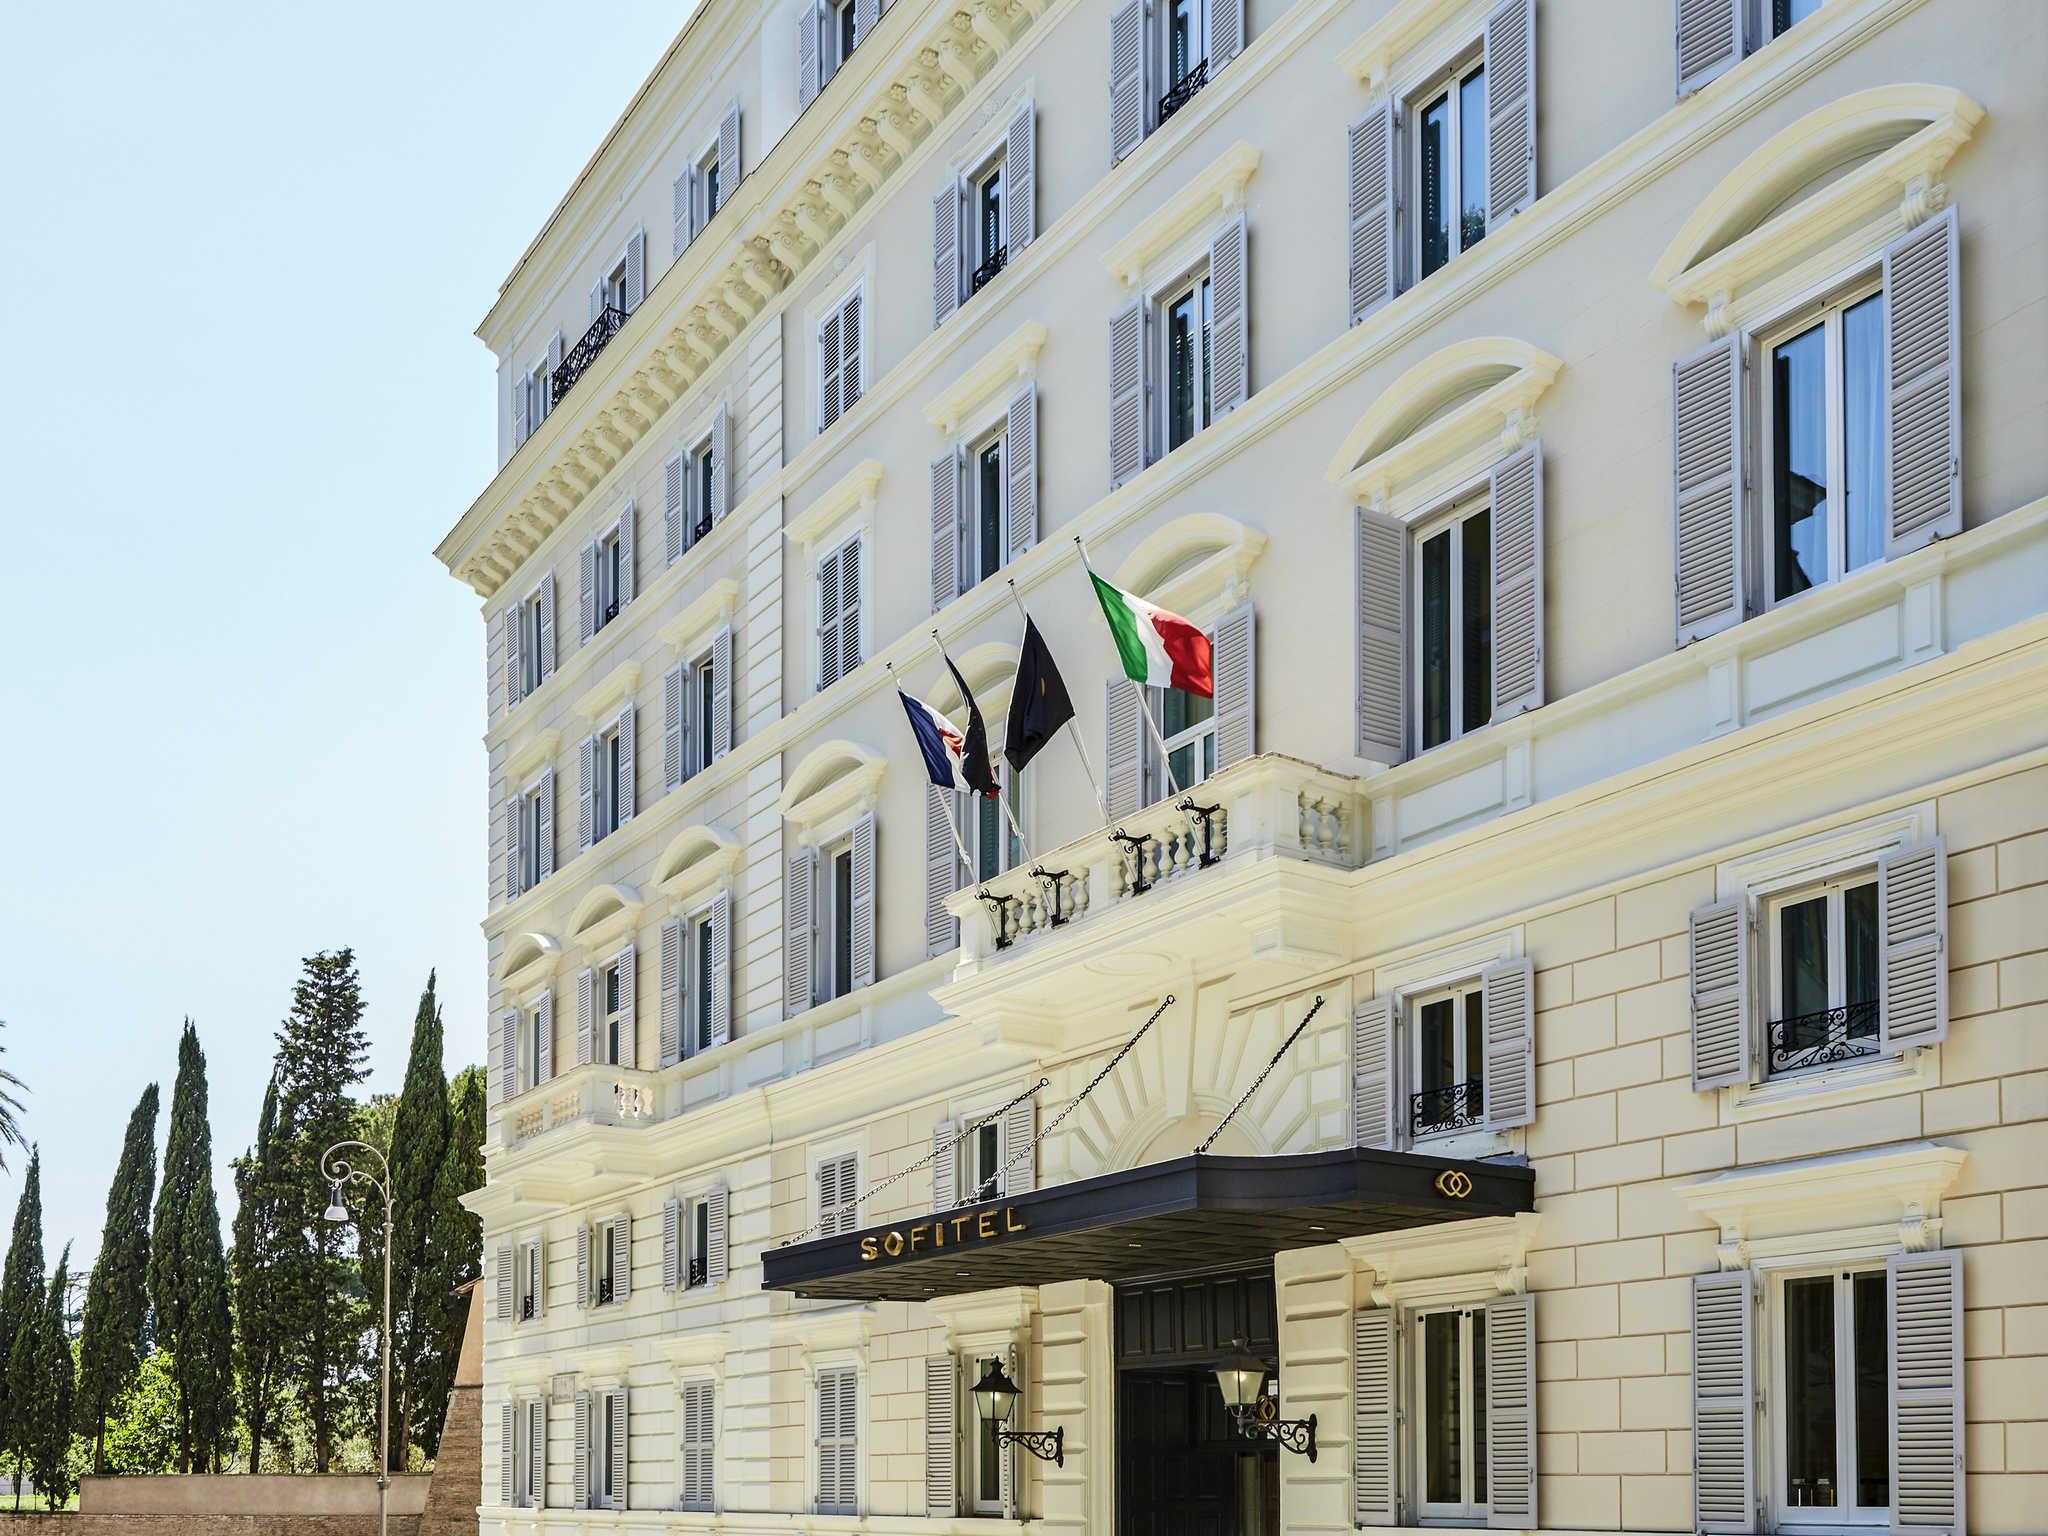 Hotel – Sofitel Roma (reabre a 4 de março de 2019 após remodelação)